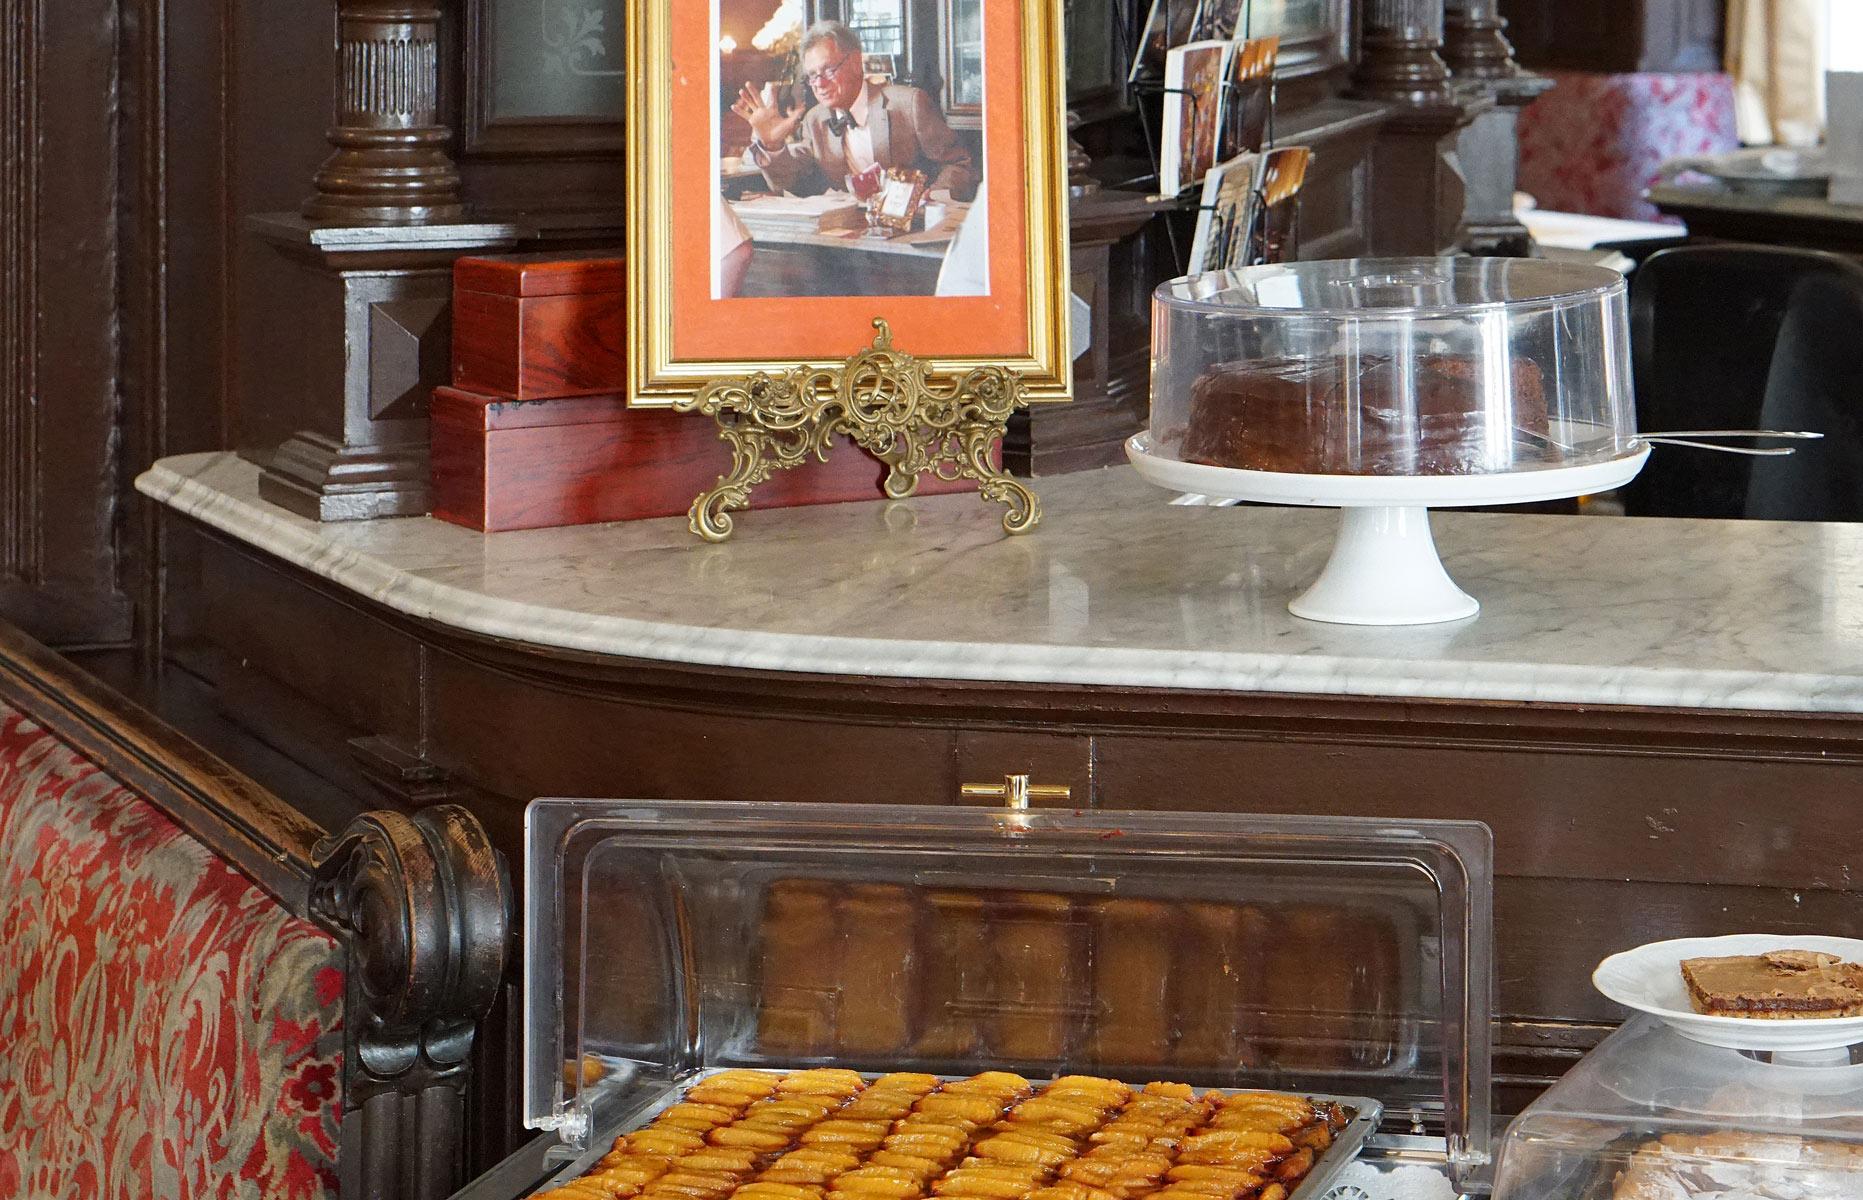 Café Sperl Kuchentheke